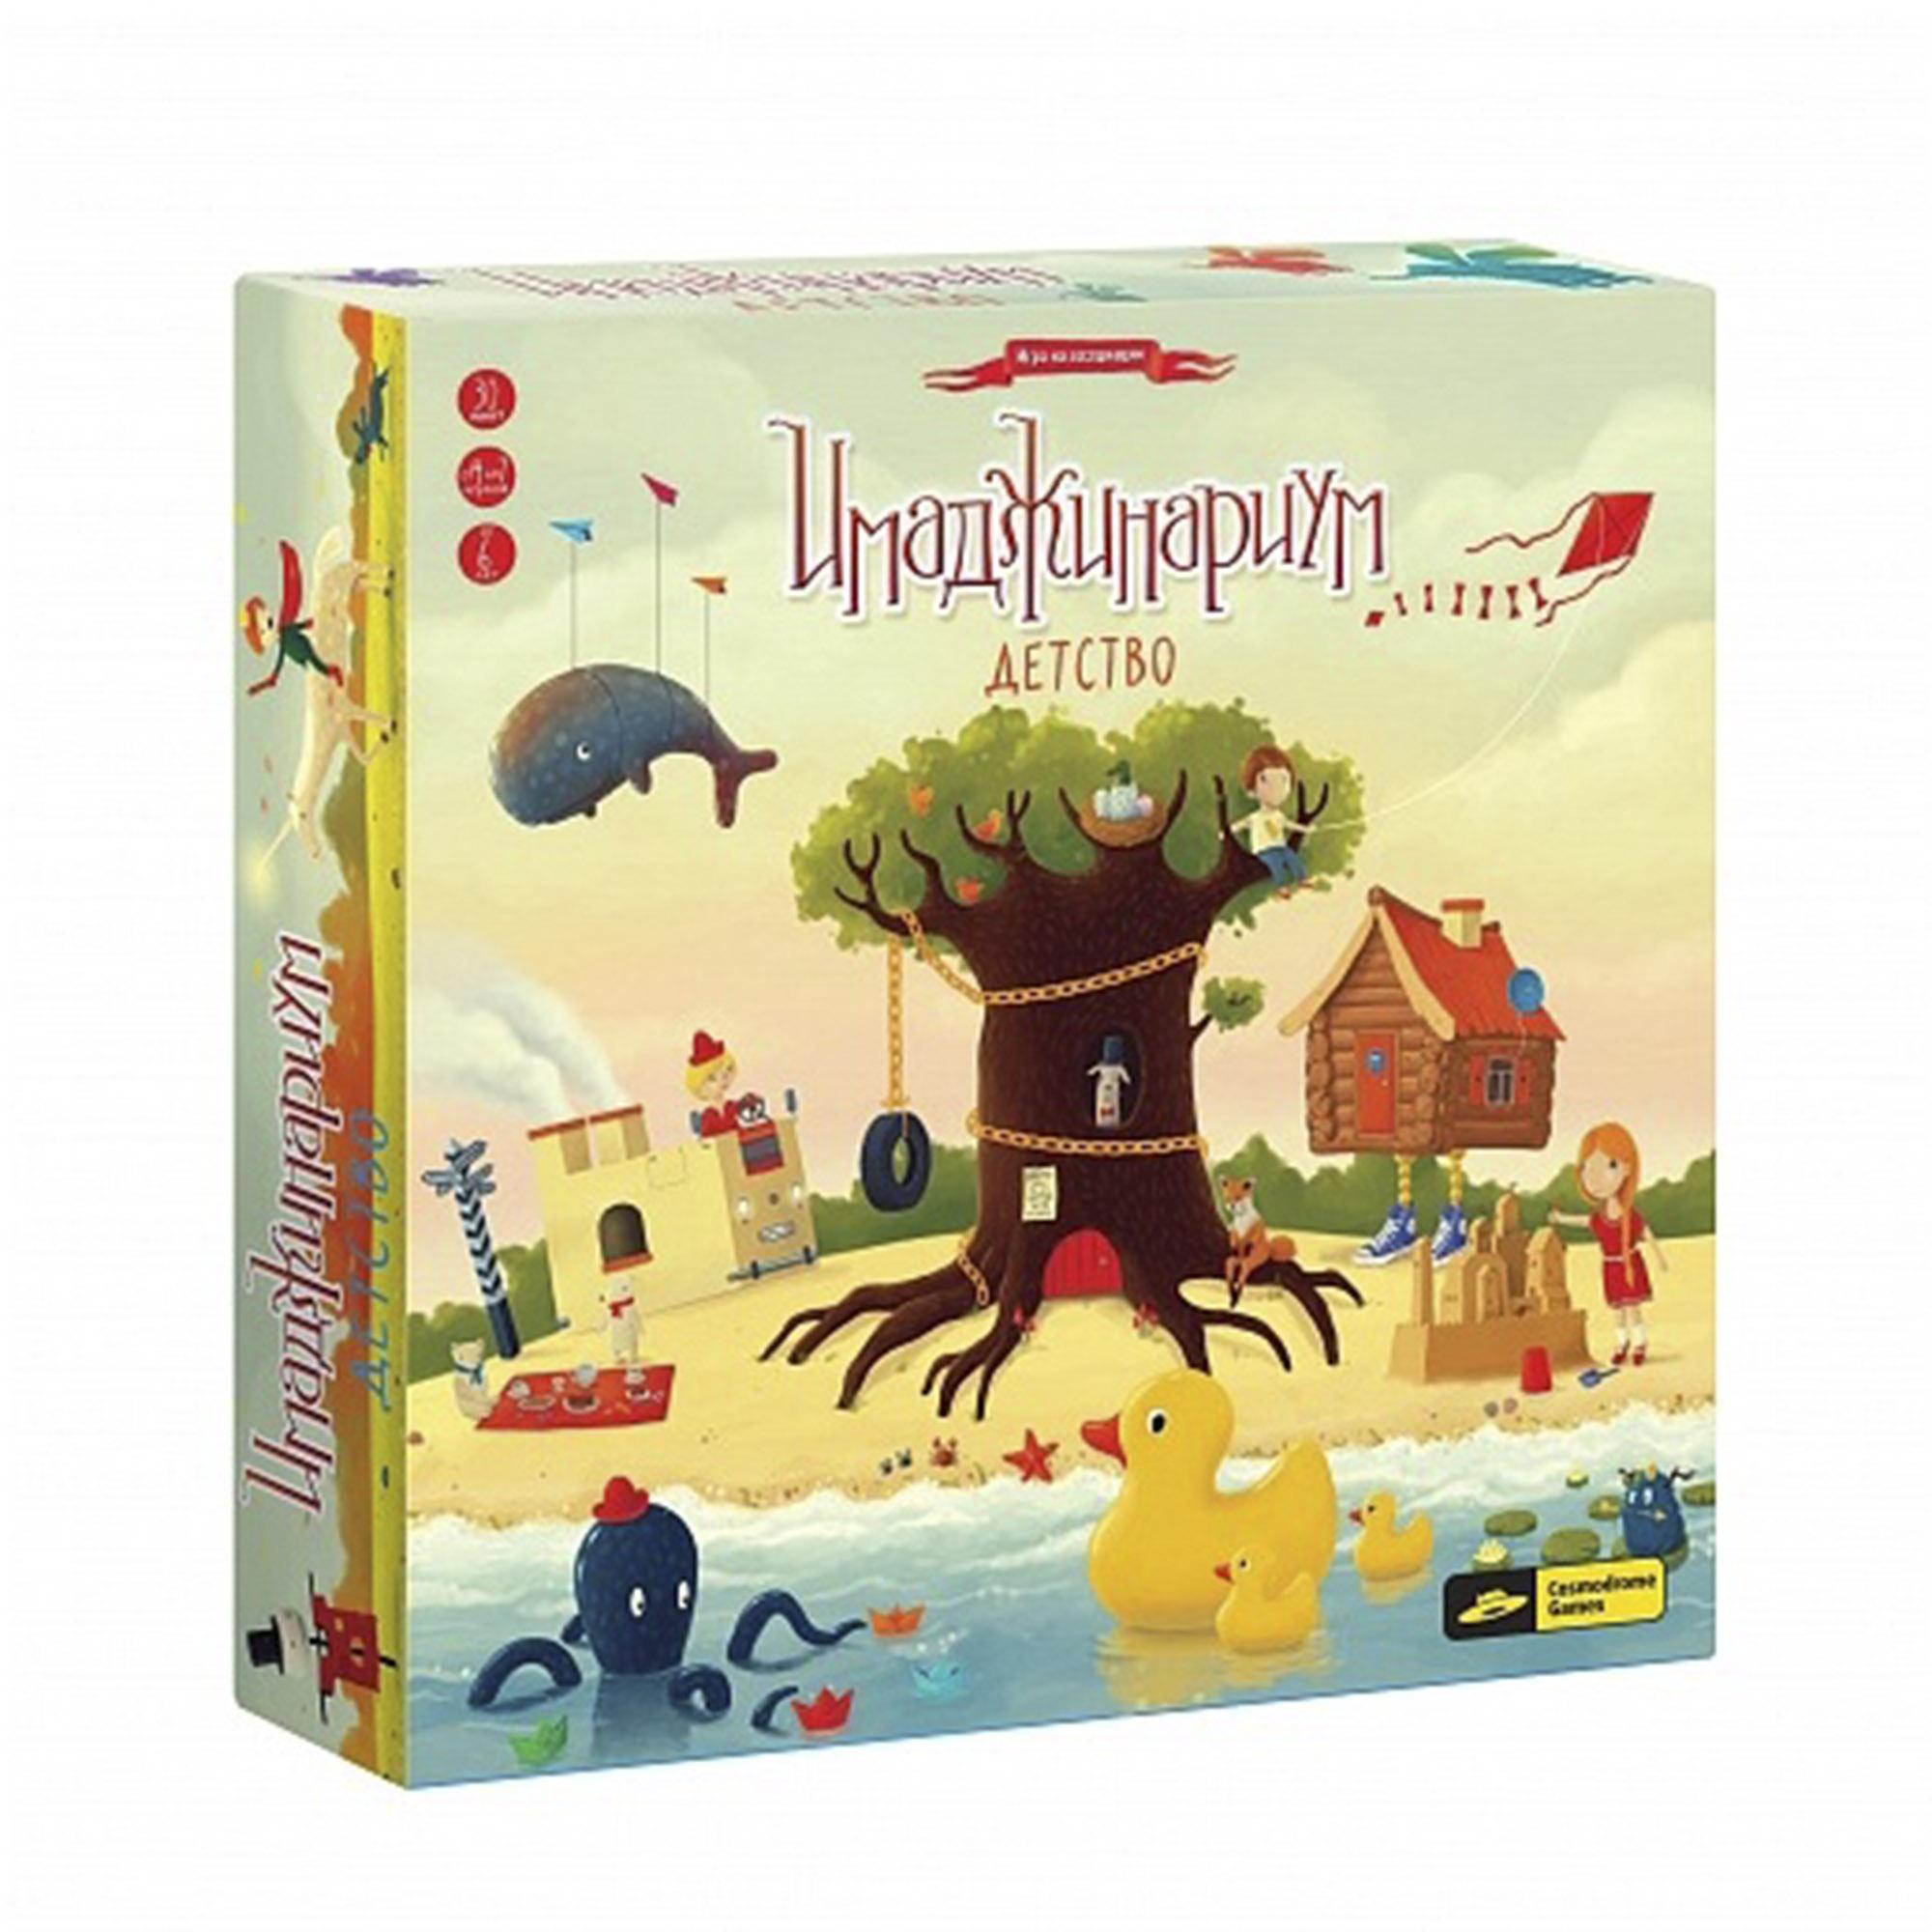 Настольная игра Cosmodrome Games Имаджинариум. Детство.